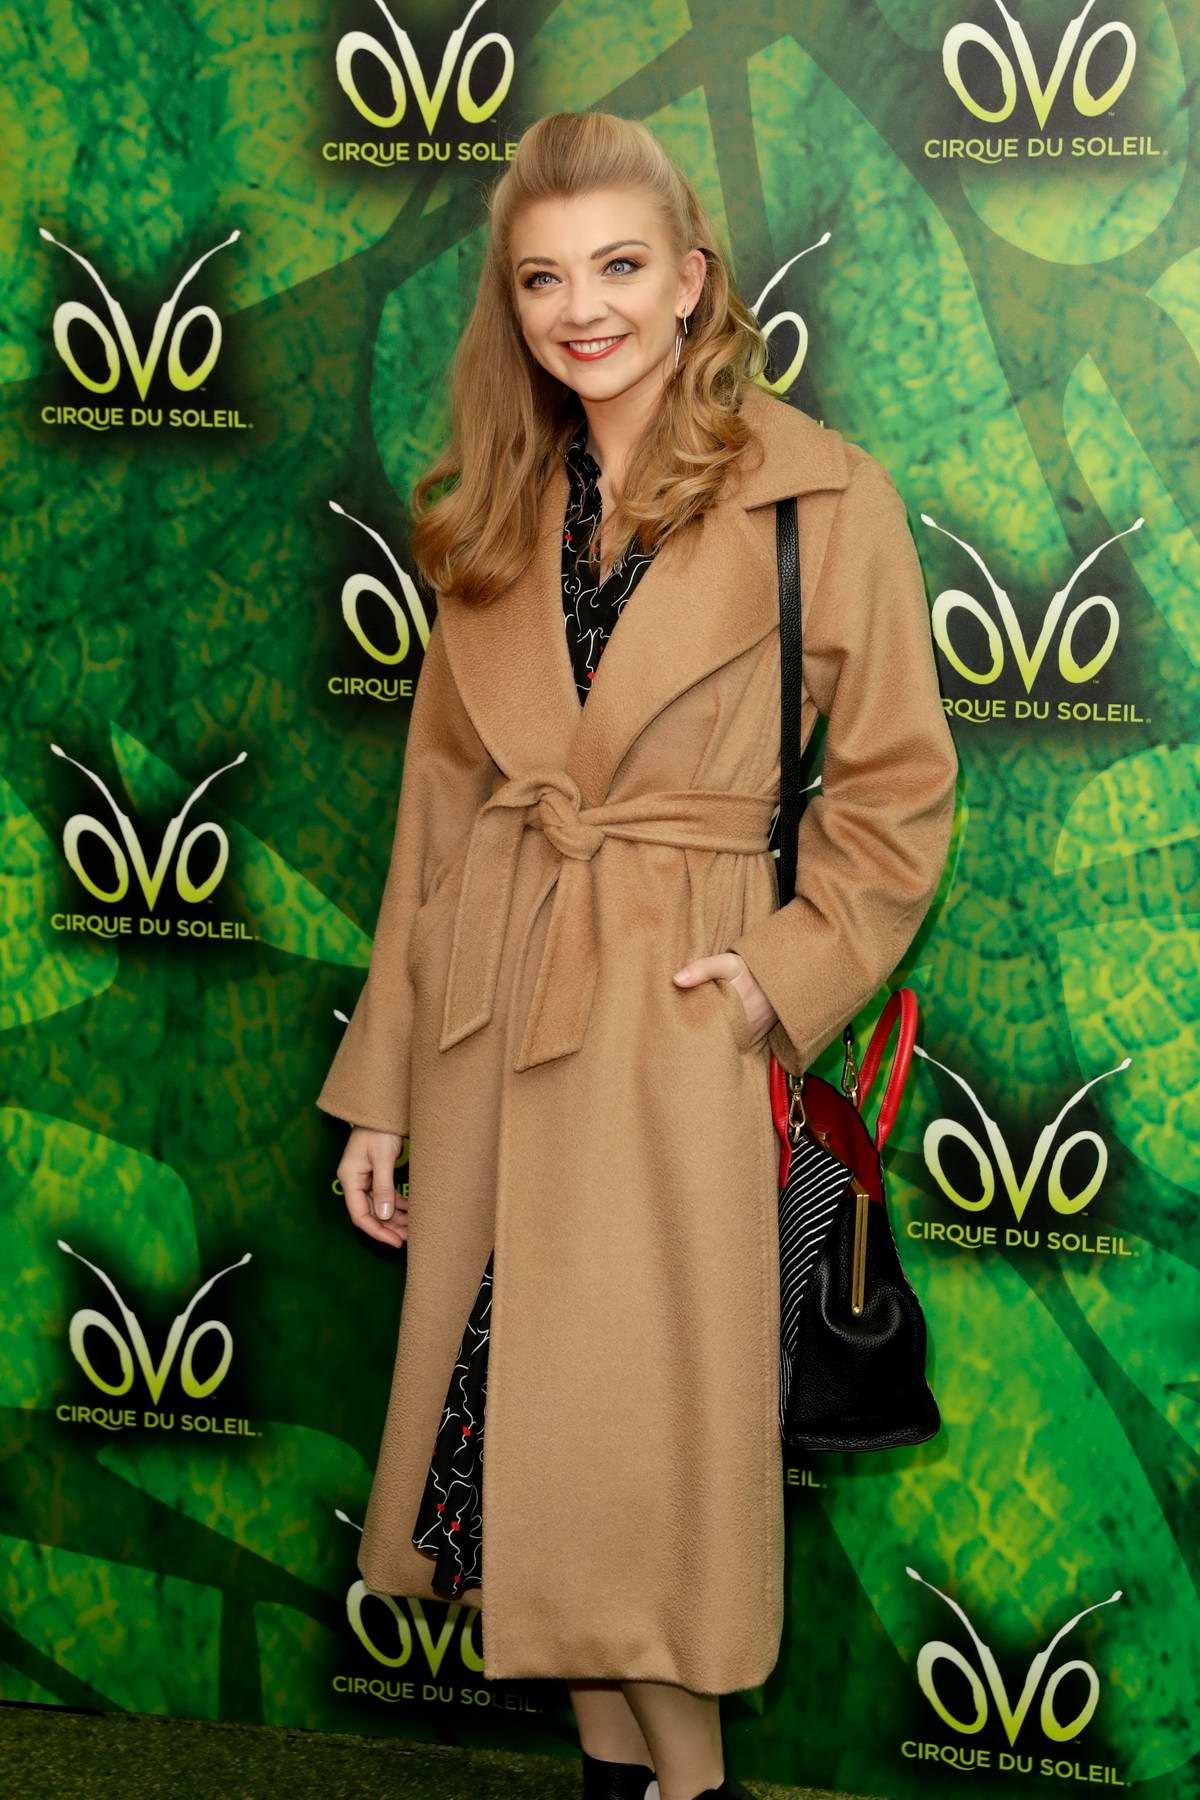 Natalie Dormer attends Cirque du Soleil OVO Premiere in London